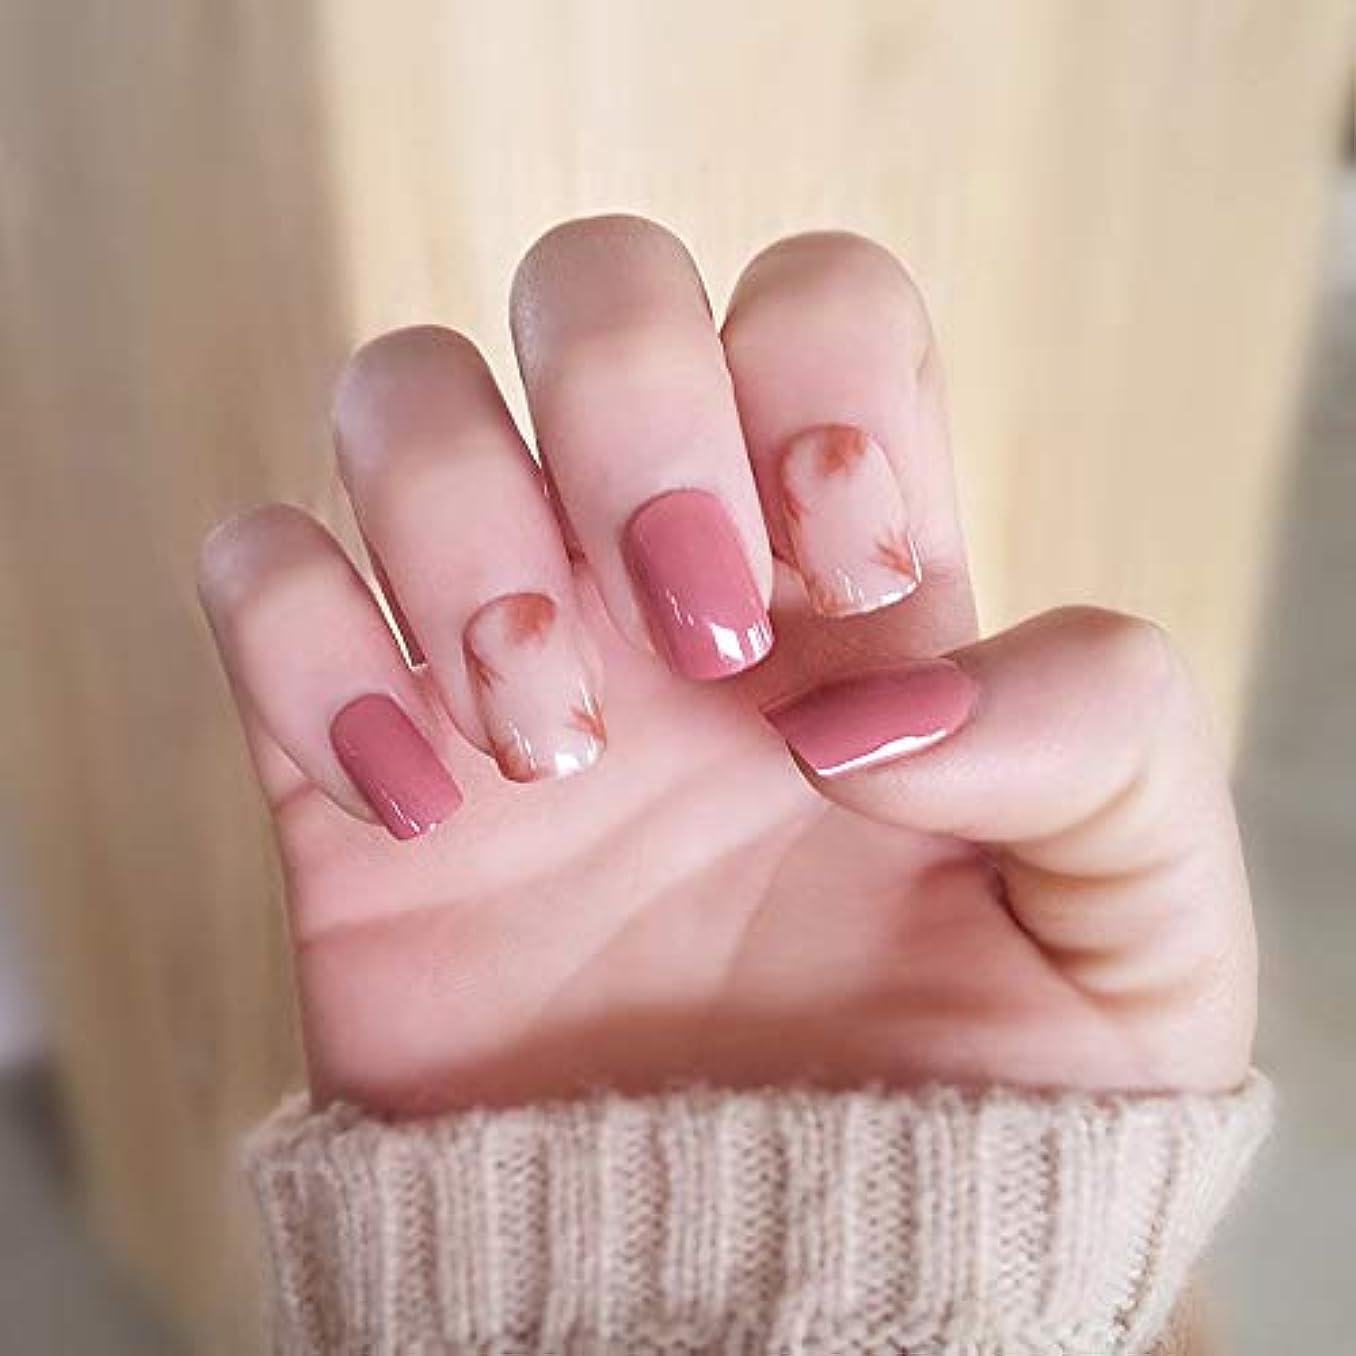 足音みすぼらしい祖母XUTXZKA ホームオフィス用ネイルチップ上の24個/セットキラキラつま先偽爪ピンク人工短正方形プレス